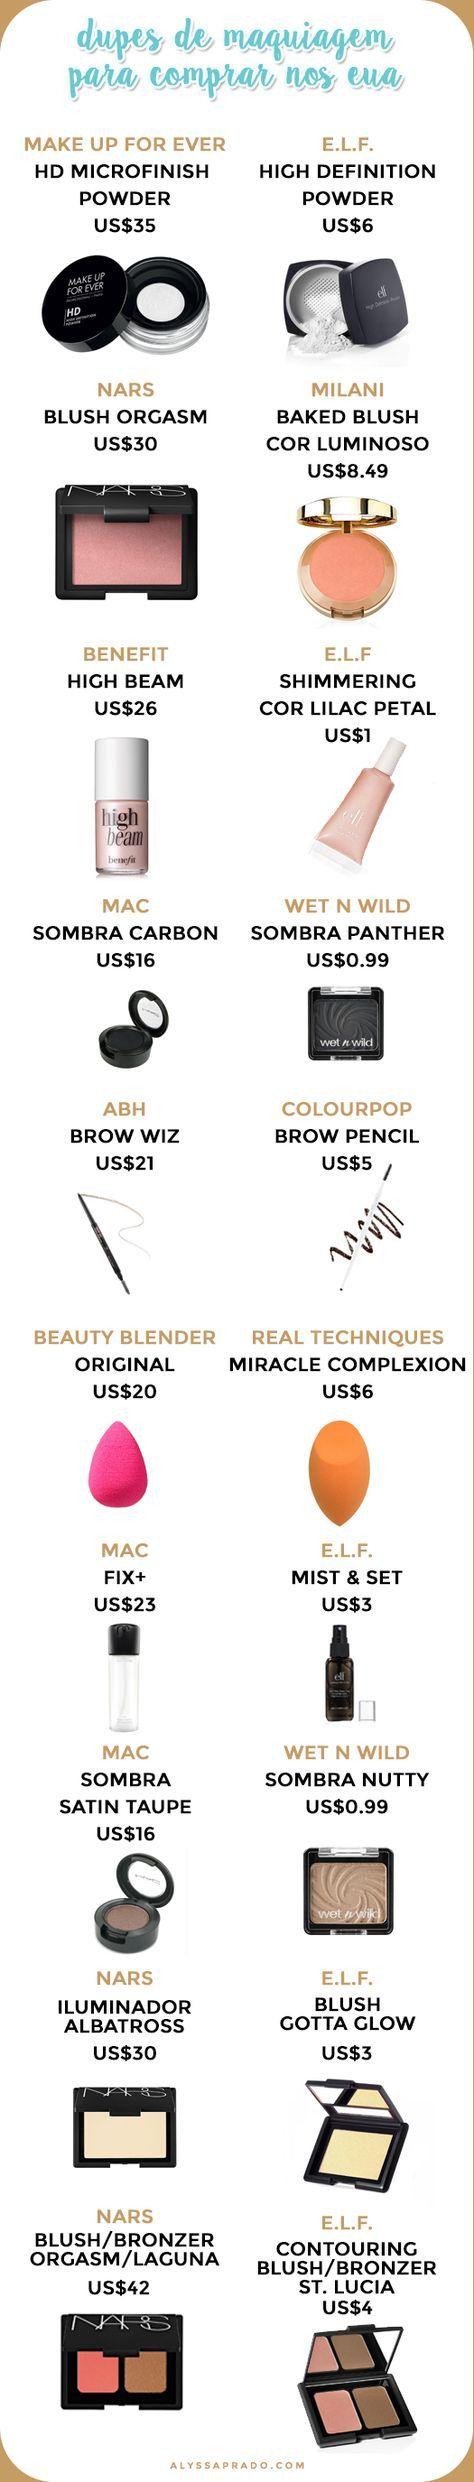 Tem uma lista enorme de produtos de beleza para comprar na viagem mas quer economizar um pouco? Então clique no link e descubra os 10 melhores dupes de maquiagem para comprar nos Estados Unidos!